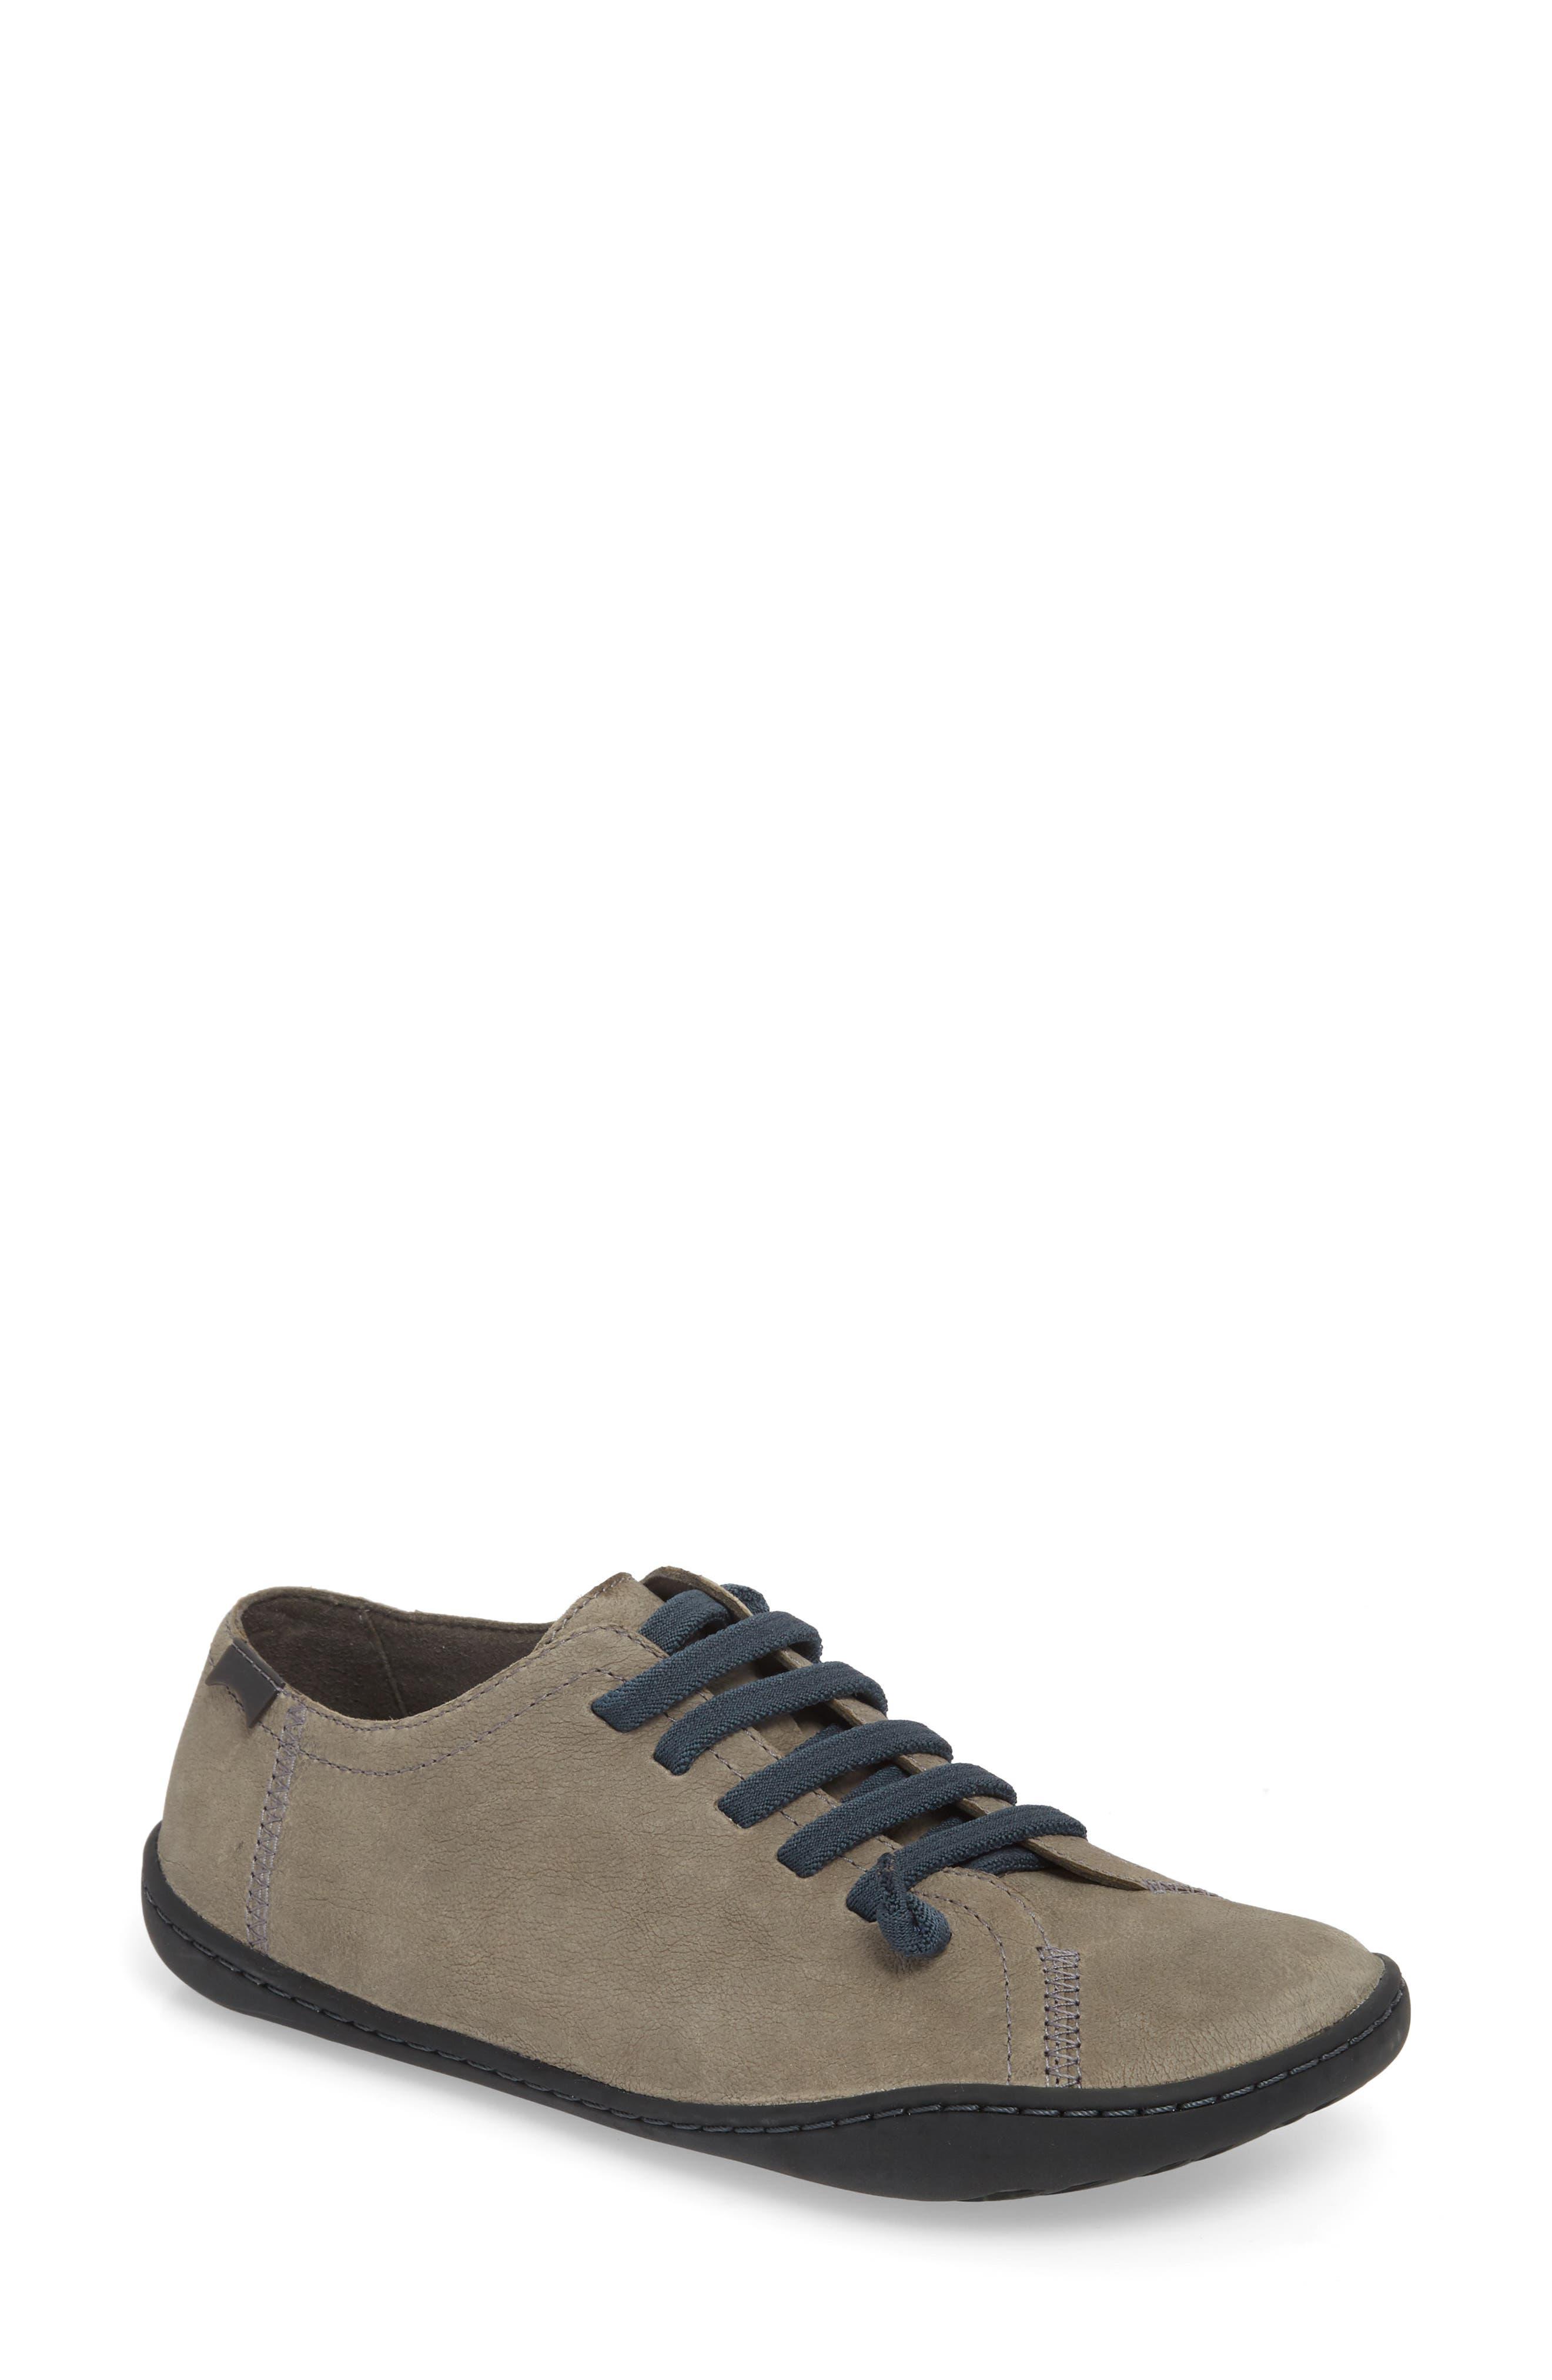 Peu Cami Sneaker,                         Main,                         color, GRAY